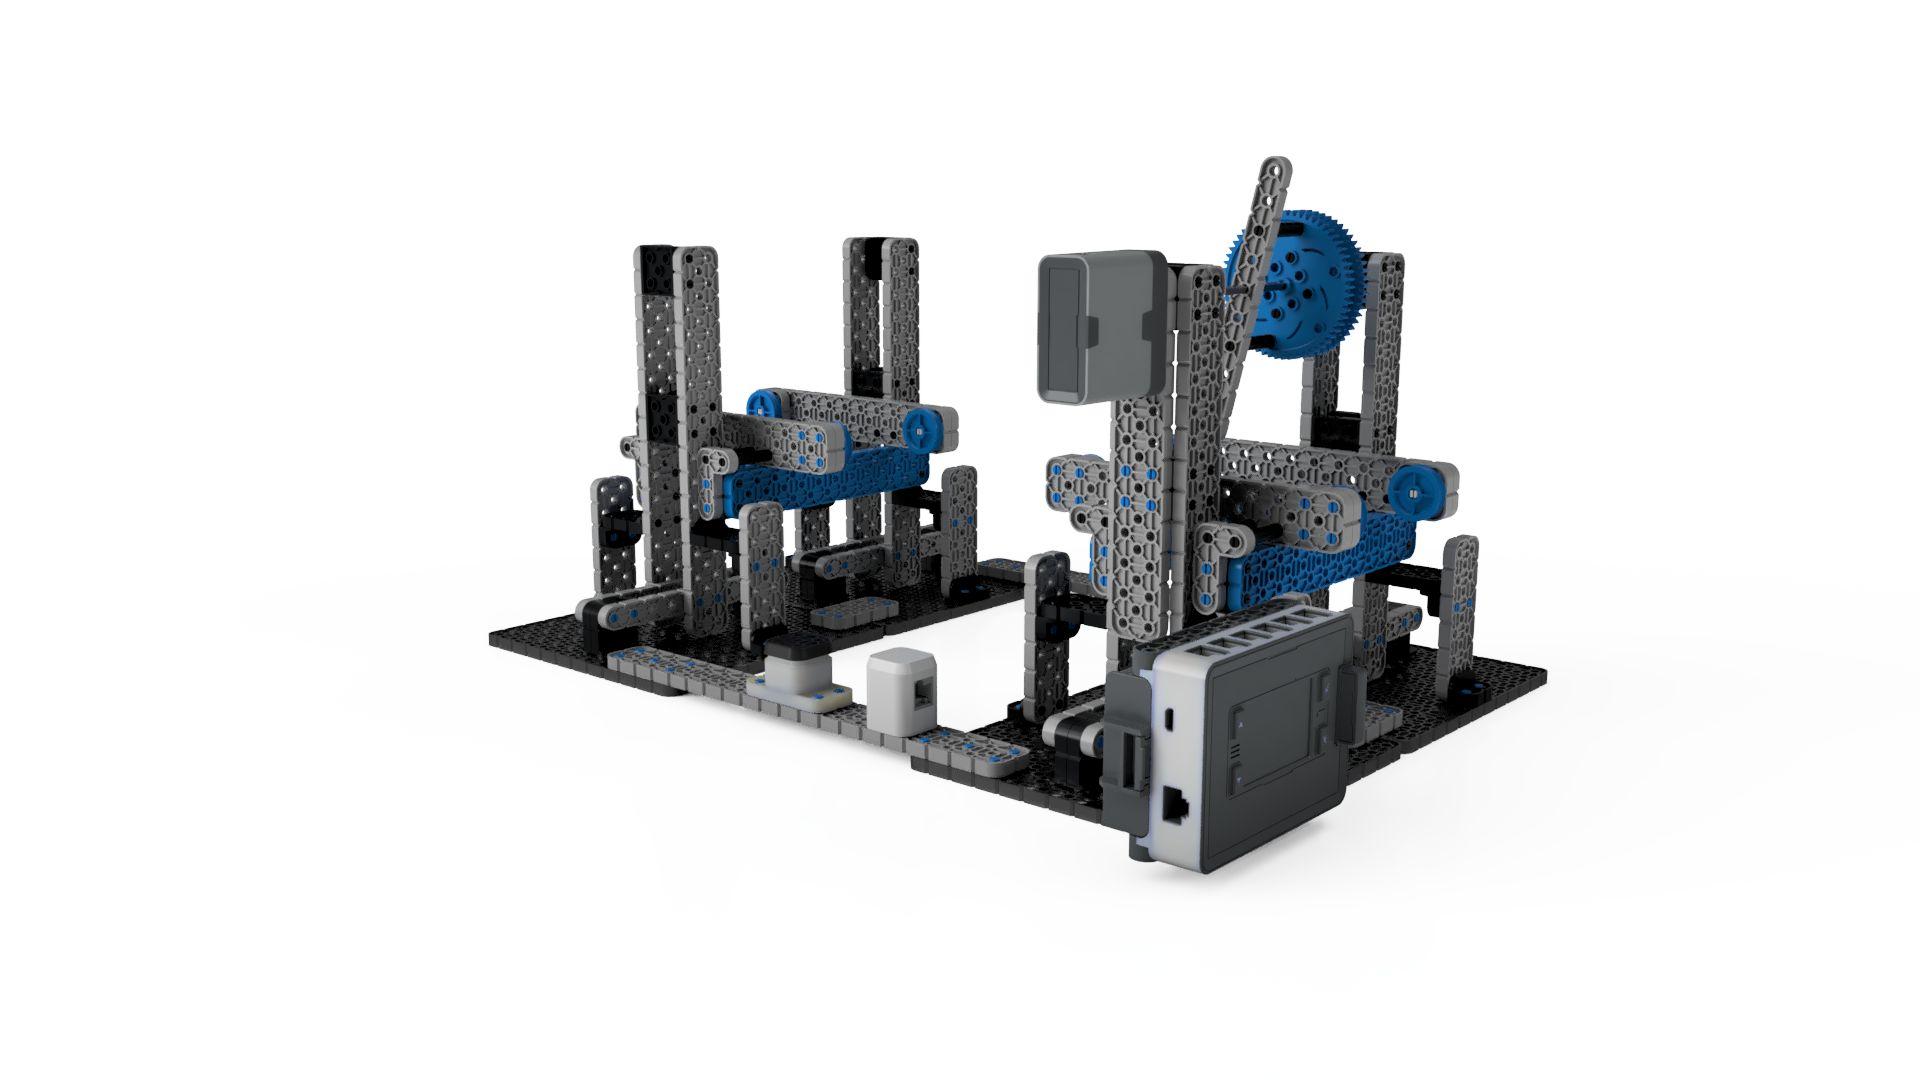 Robot-bobina-fila-2018-jul-03-02-22-41pm-000-customizedview14784978202-3500-3500